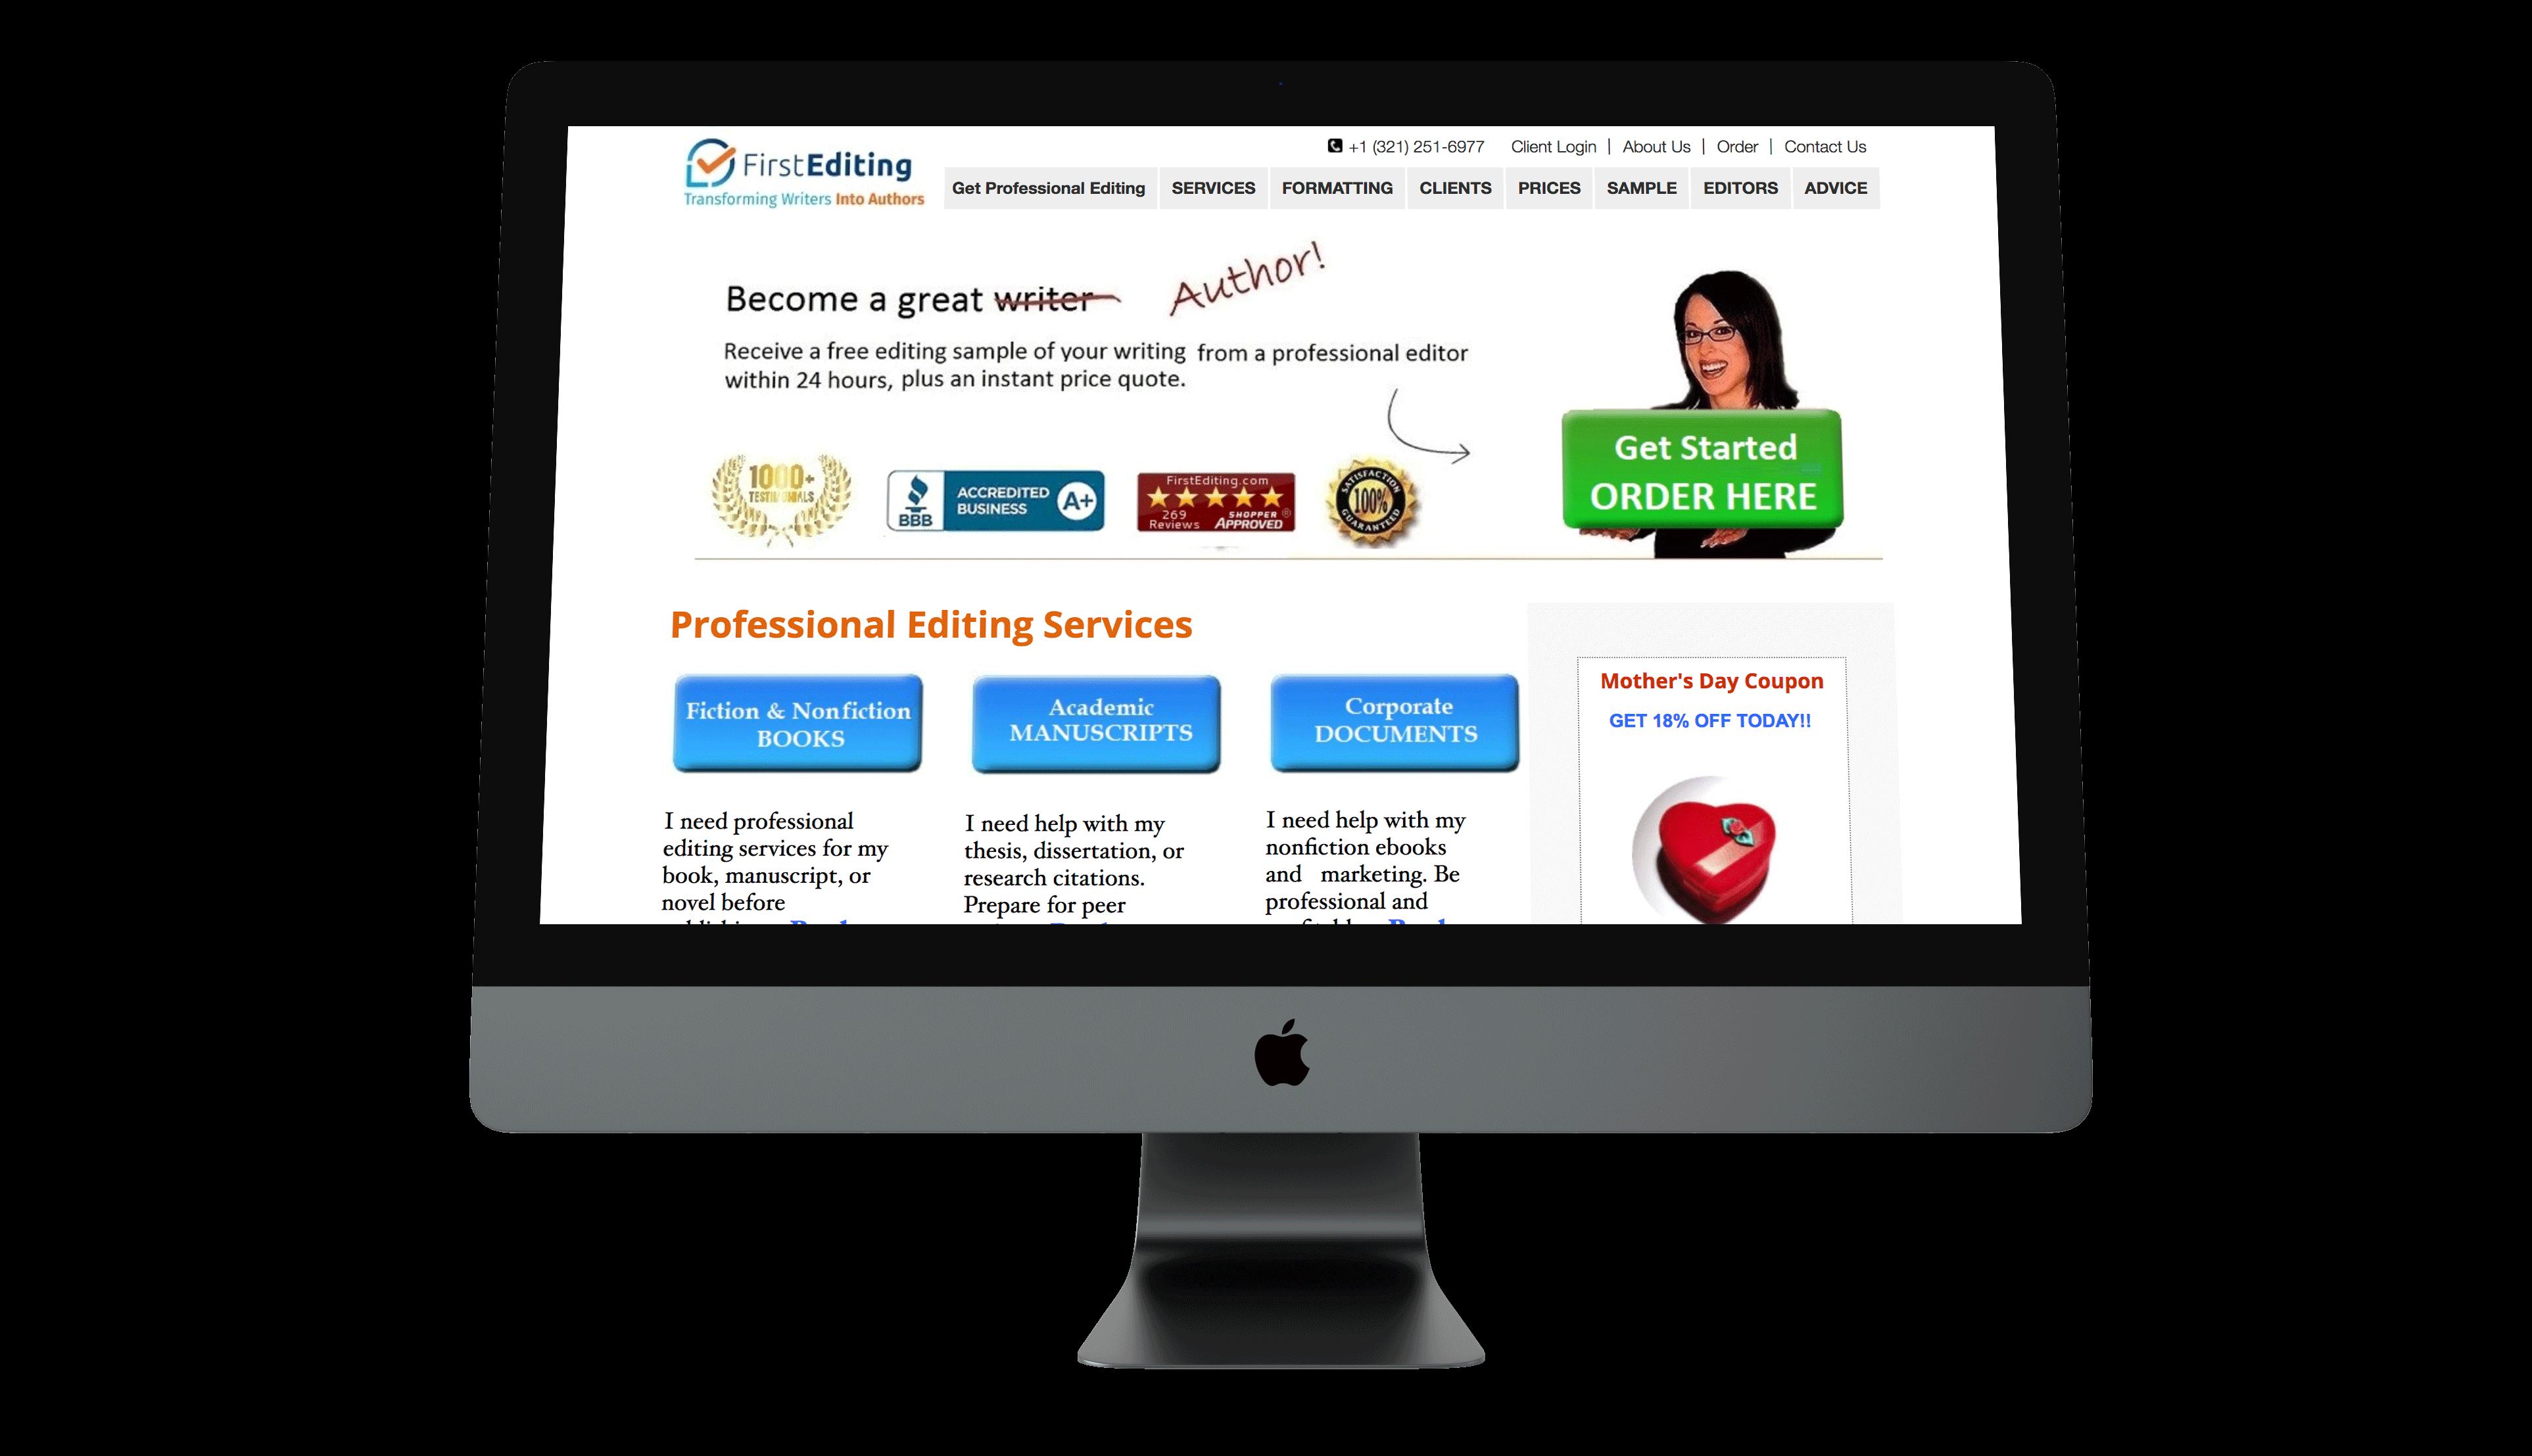 Old website mockup